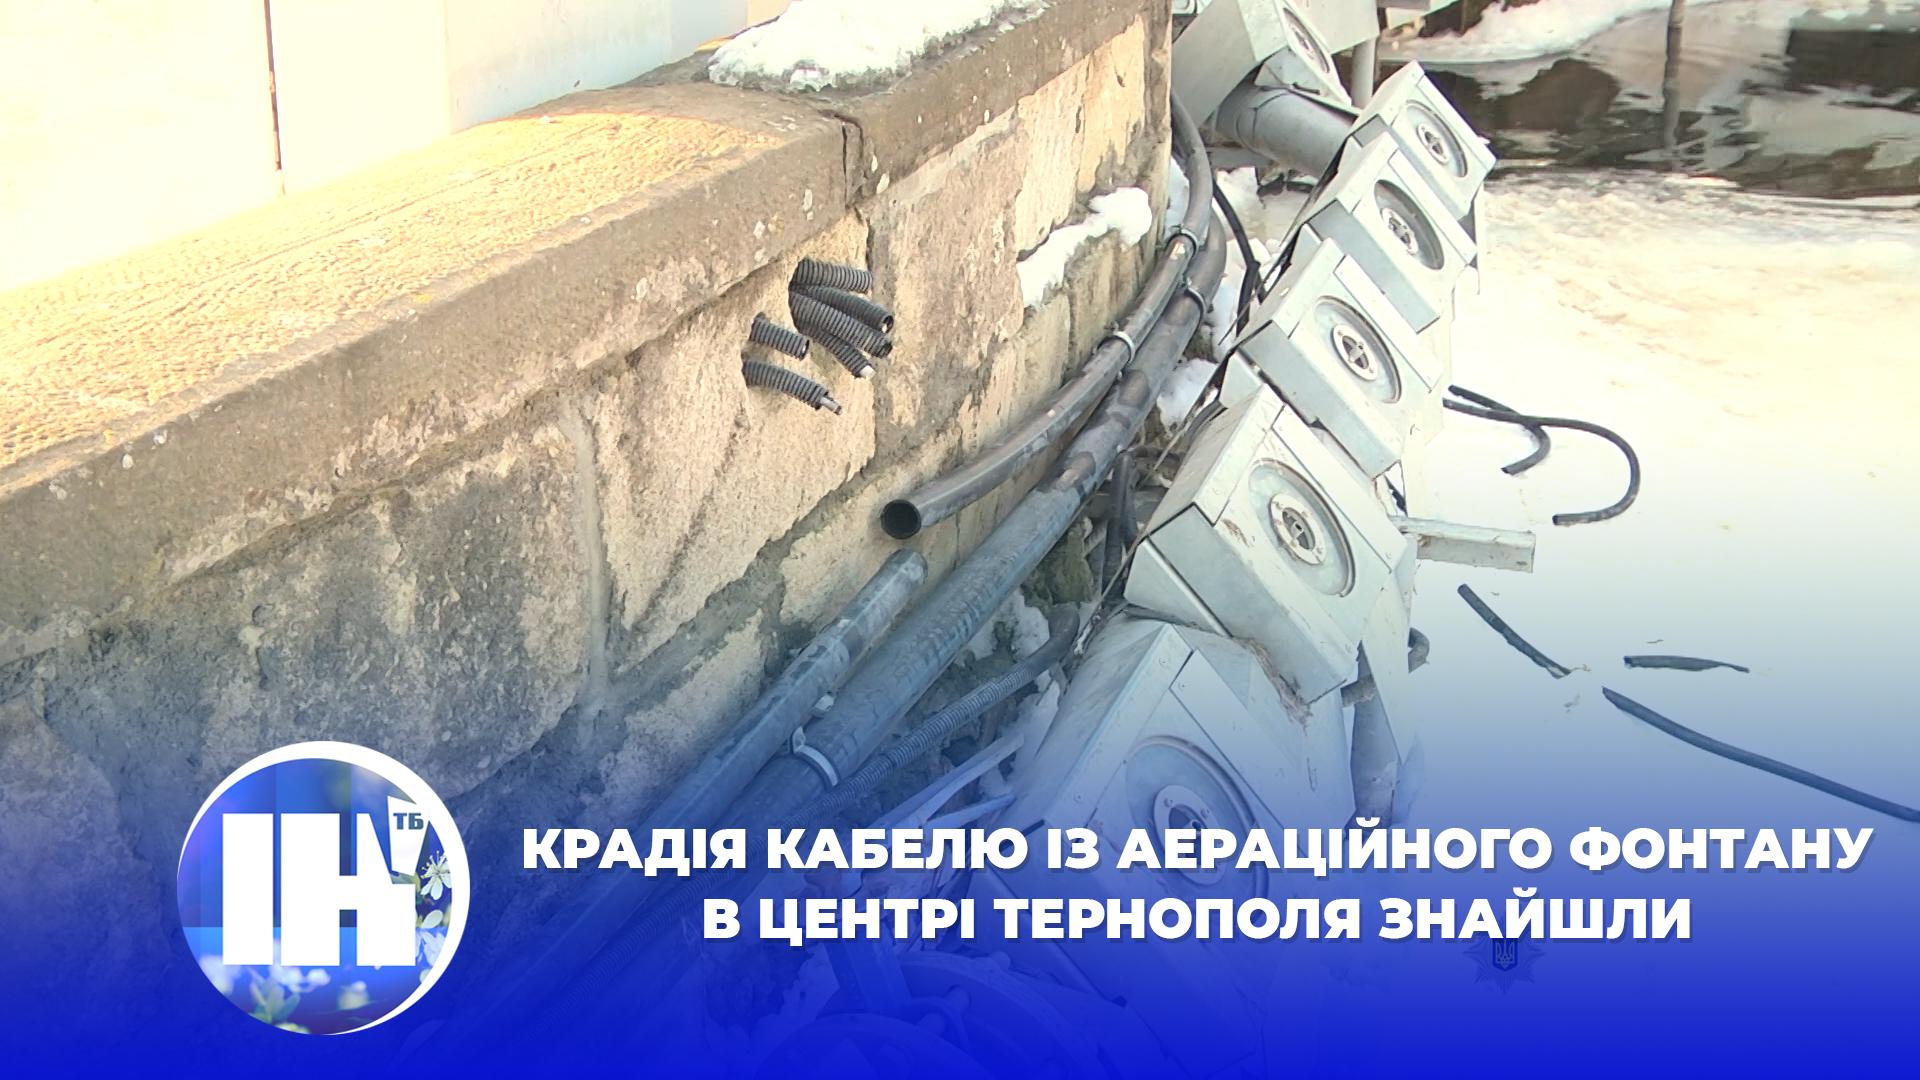 Крадія кабелю із аераційного фонтану в центрі Тернополя знайшли